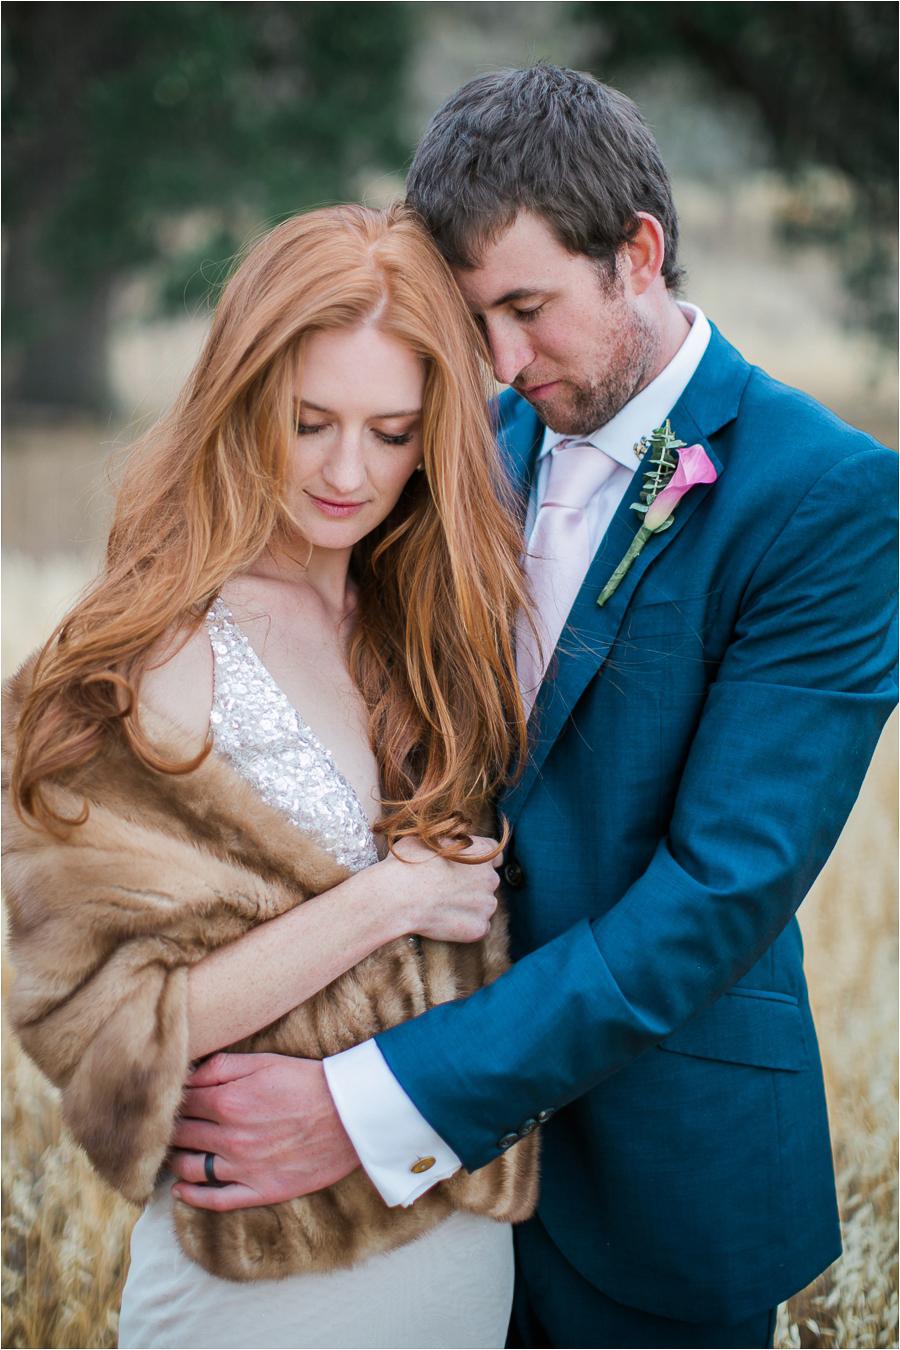 Calabasas Wedding Photographer_Taylor Kinzie Photography-28